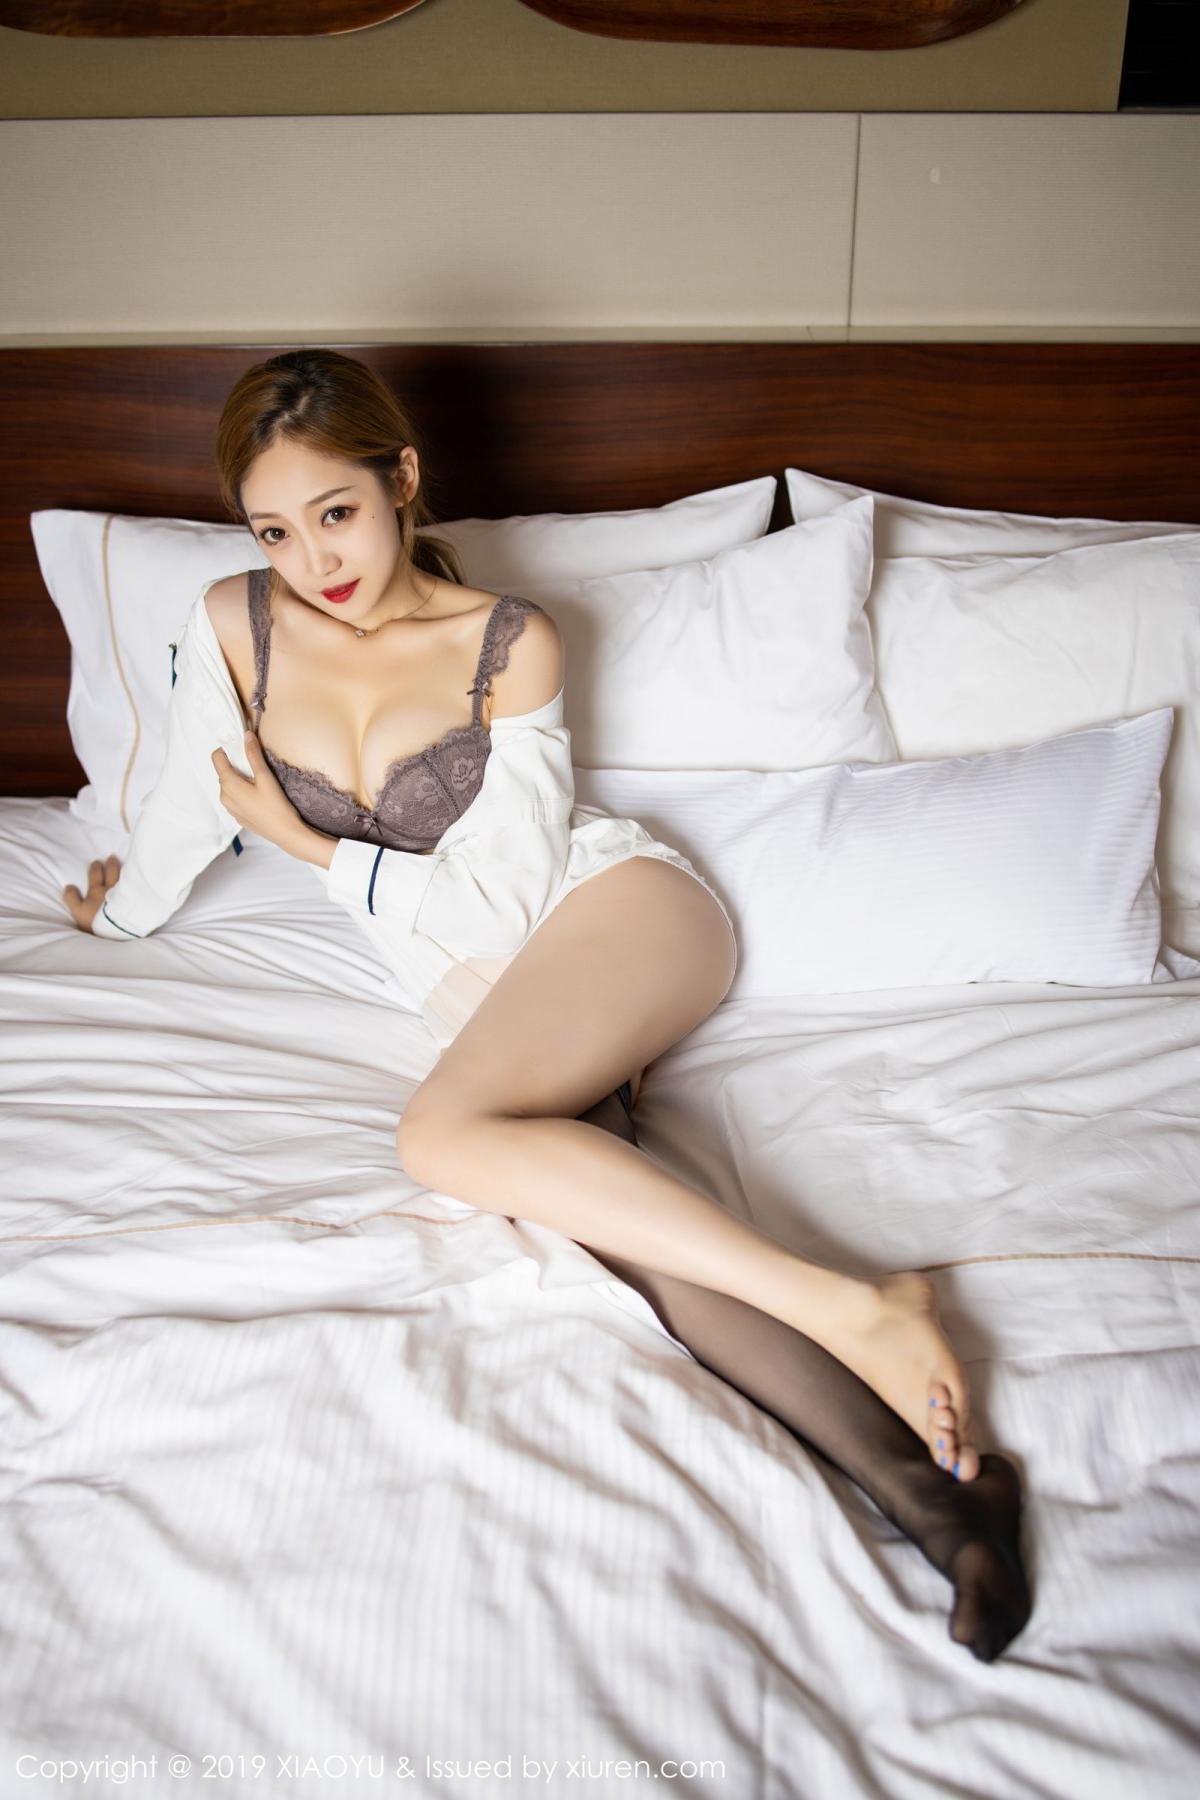 [XiaoYu] Vol.181 Yuner Claire 62P, Black Silk, Underwear, XiaoYu, Yuner Claire